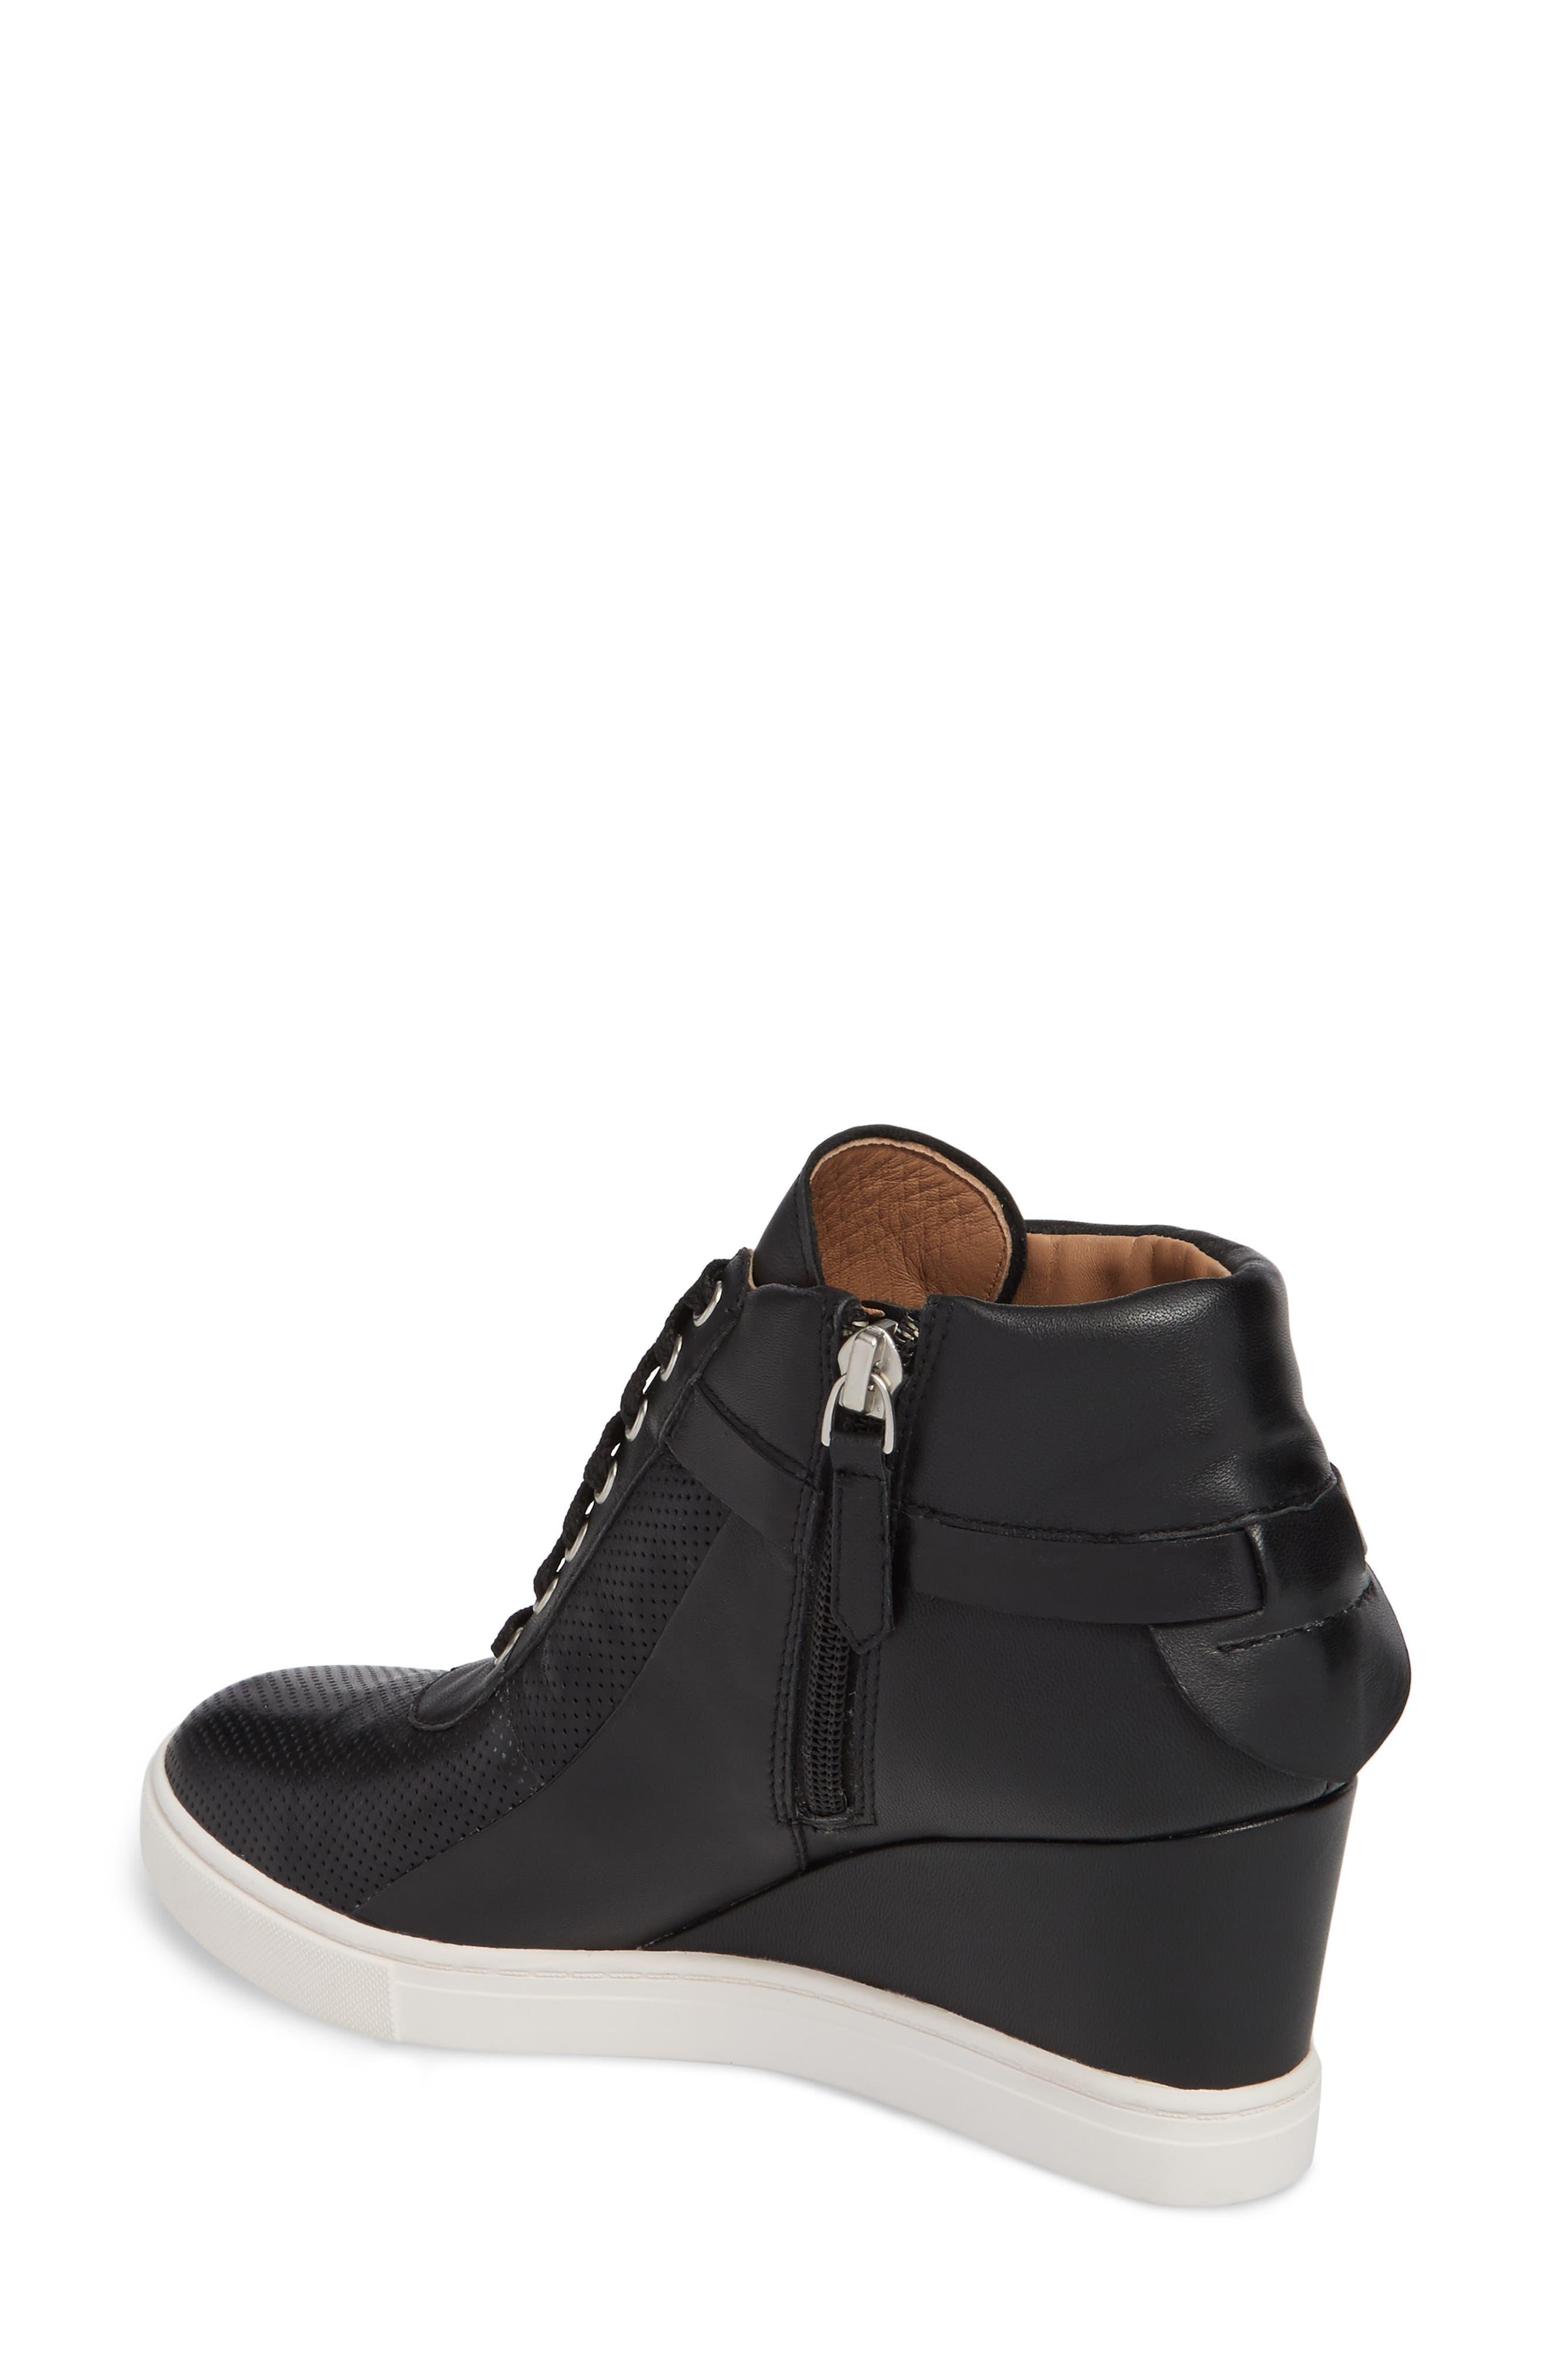 Freja Wedge Sneaker,                             Alternate thumbnail 2, color,                             Black Leather